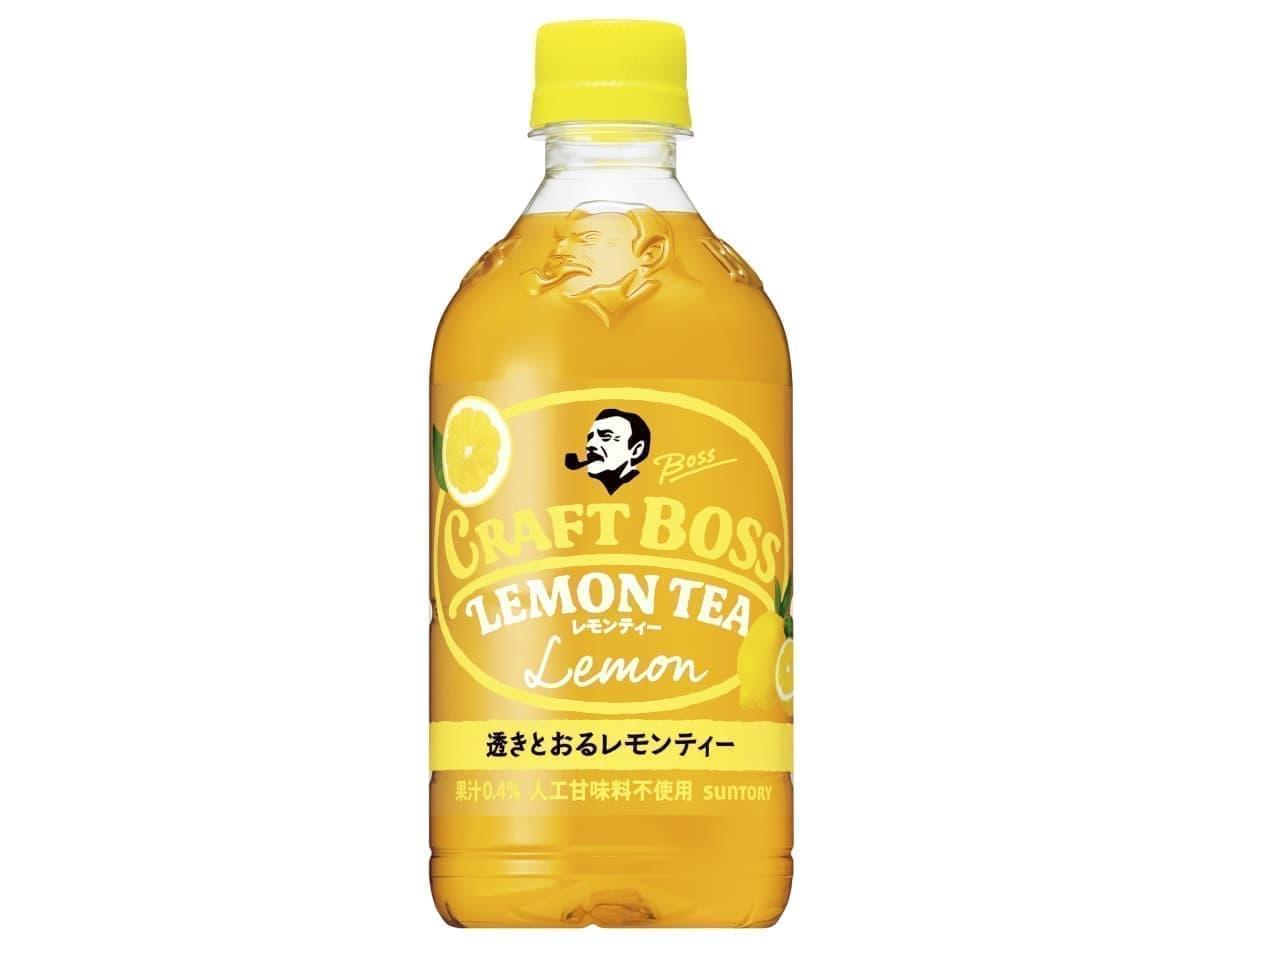 クラフトボス紅茶シリーズ第3弾「クラフトボス レモンティー」